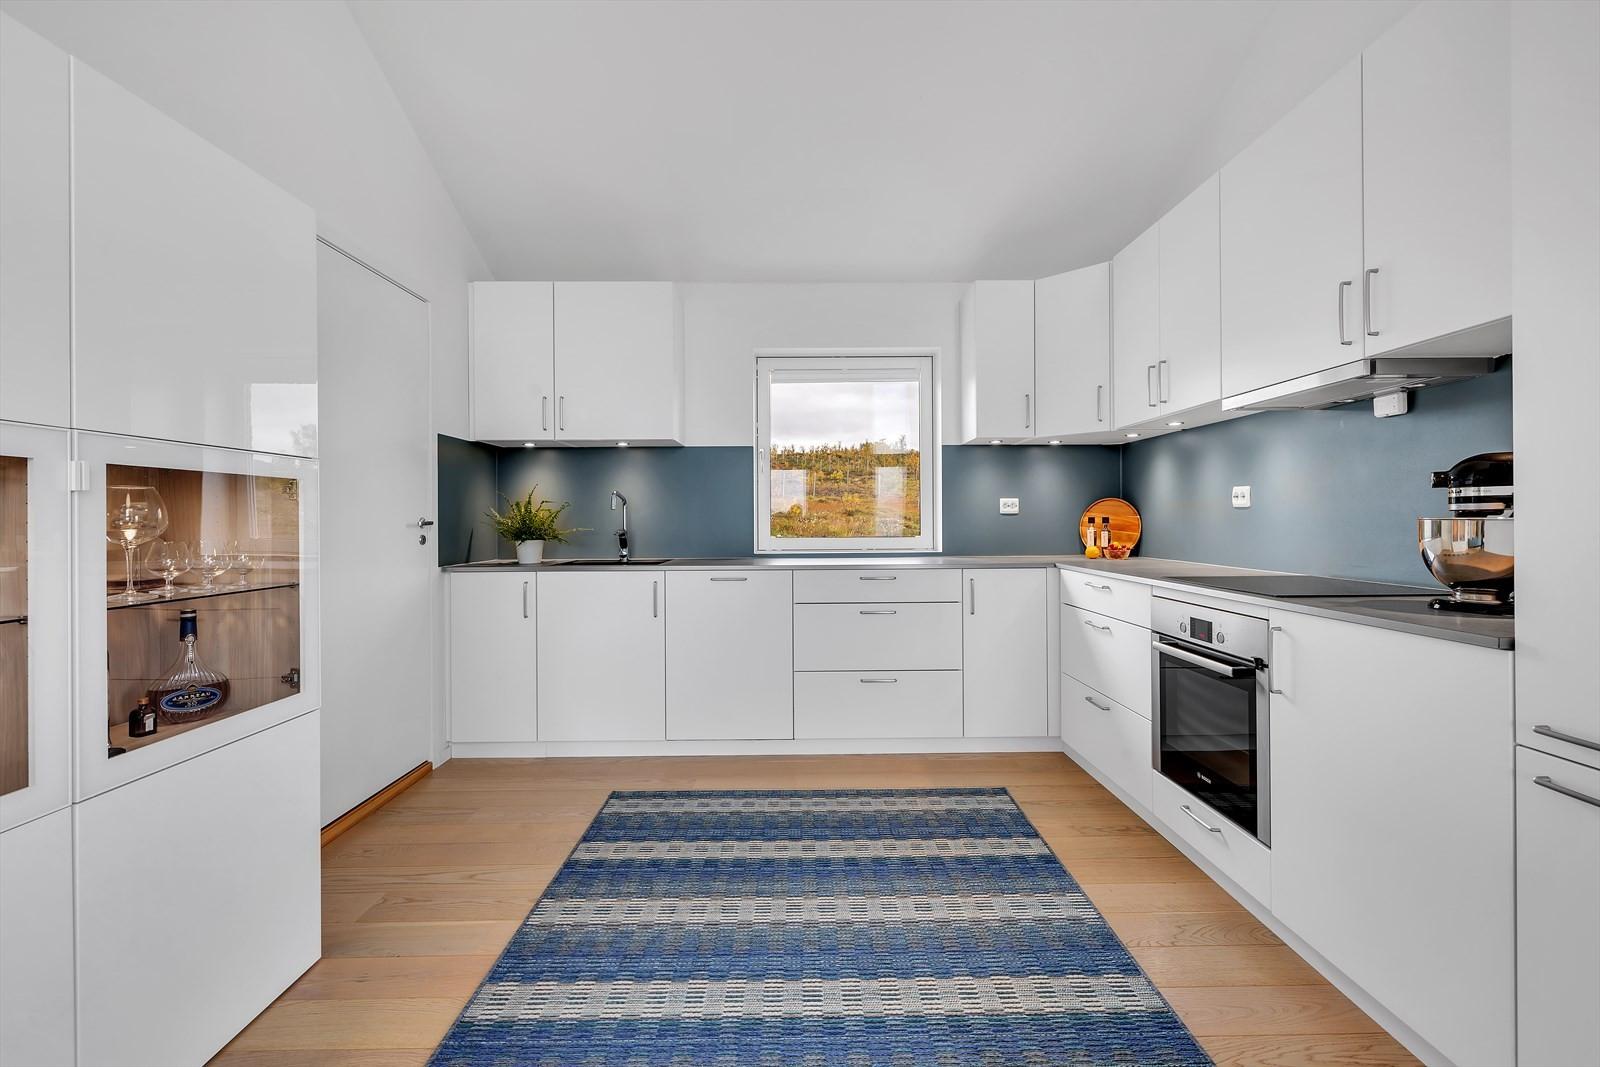 Romslig kjøkken med integrerte hvitevarer. Svært god benke- og skap plass.